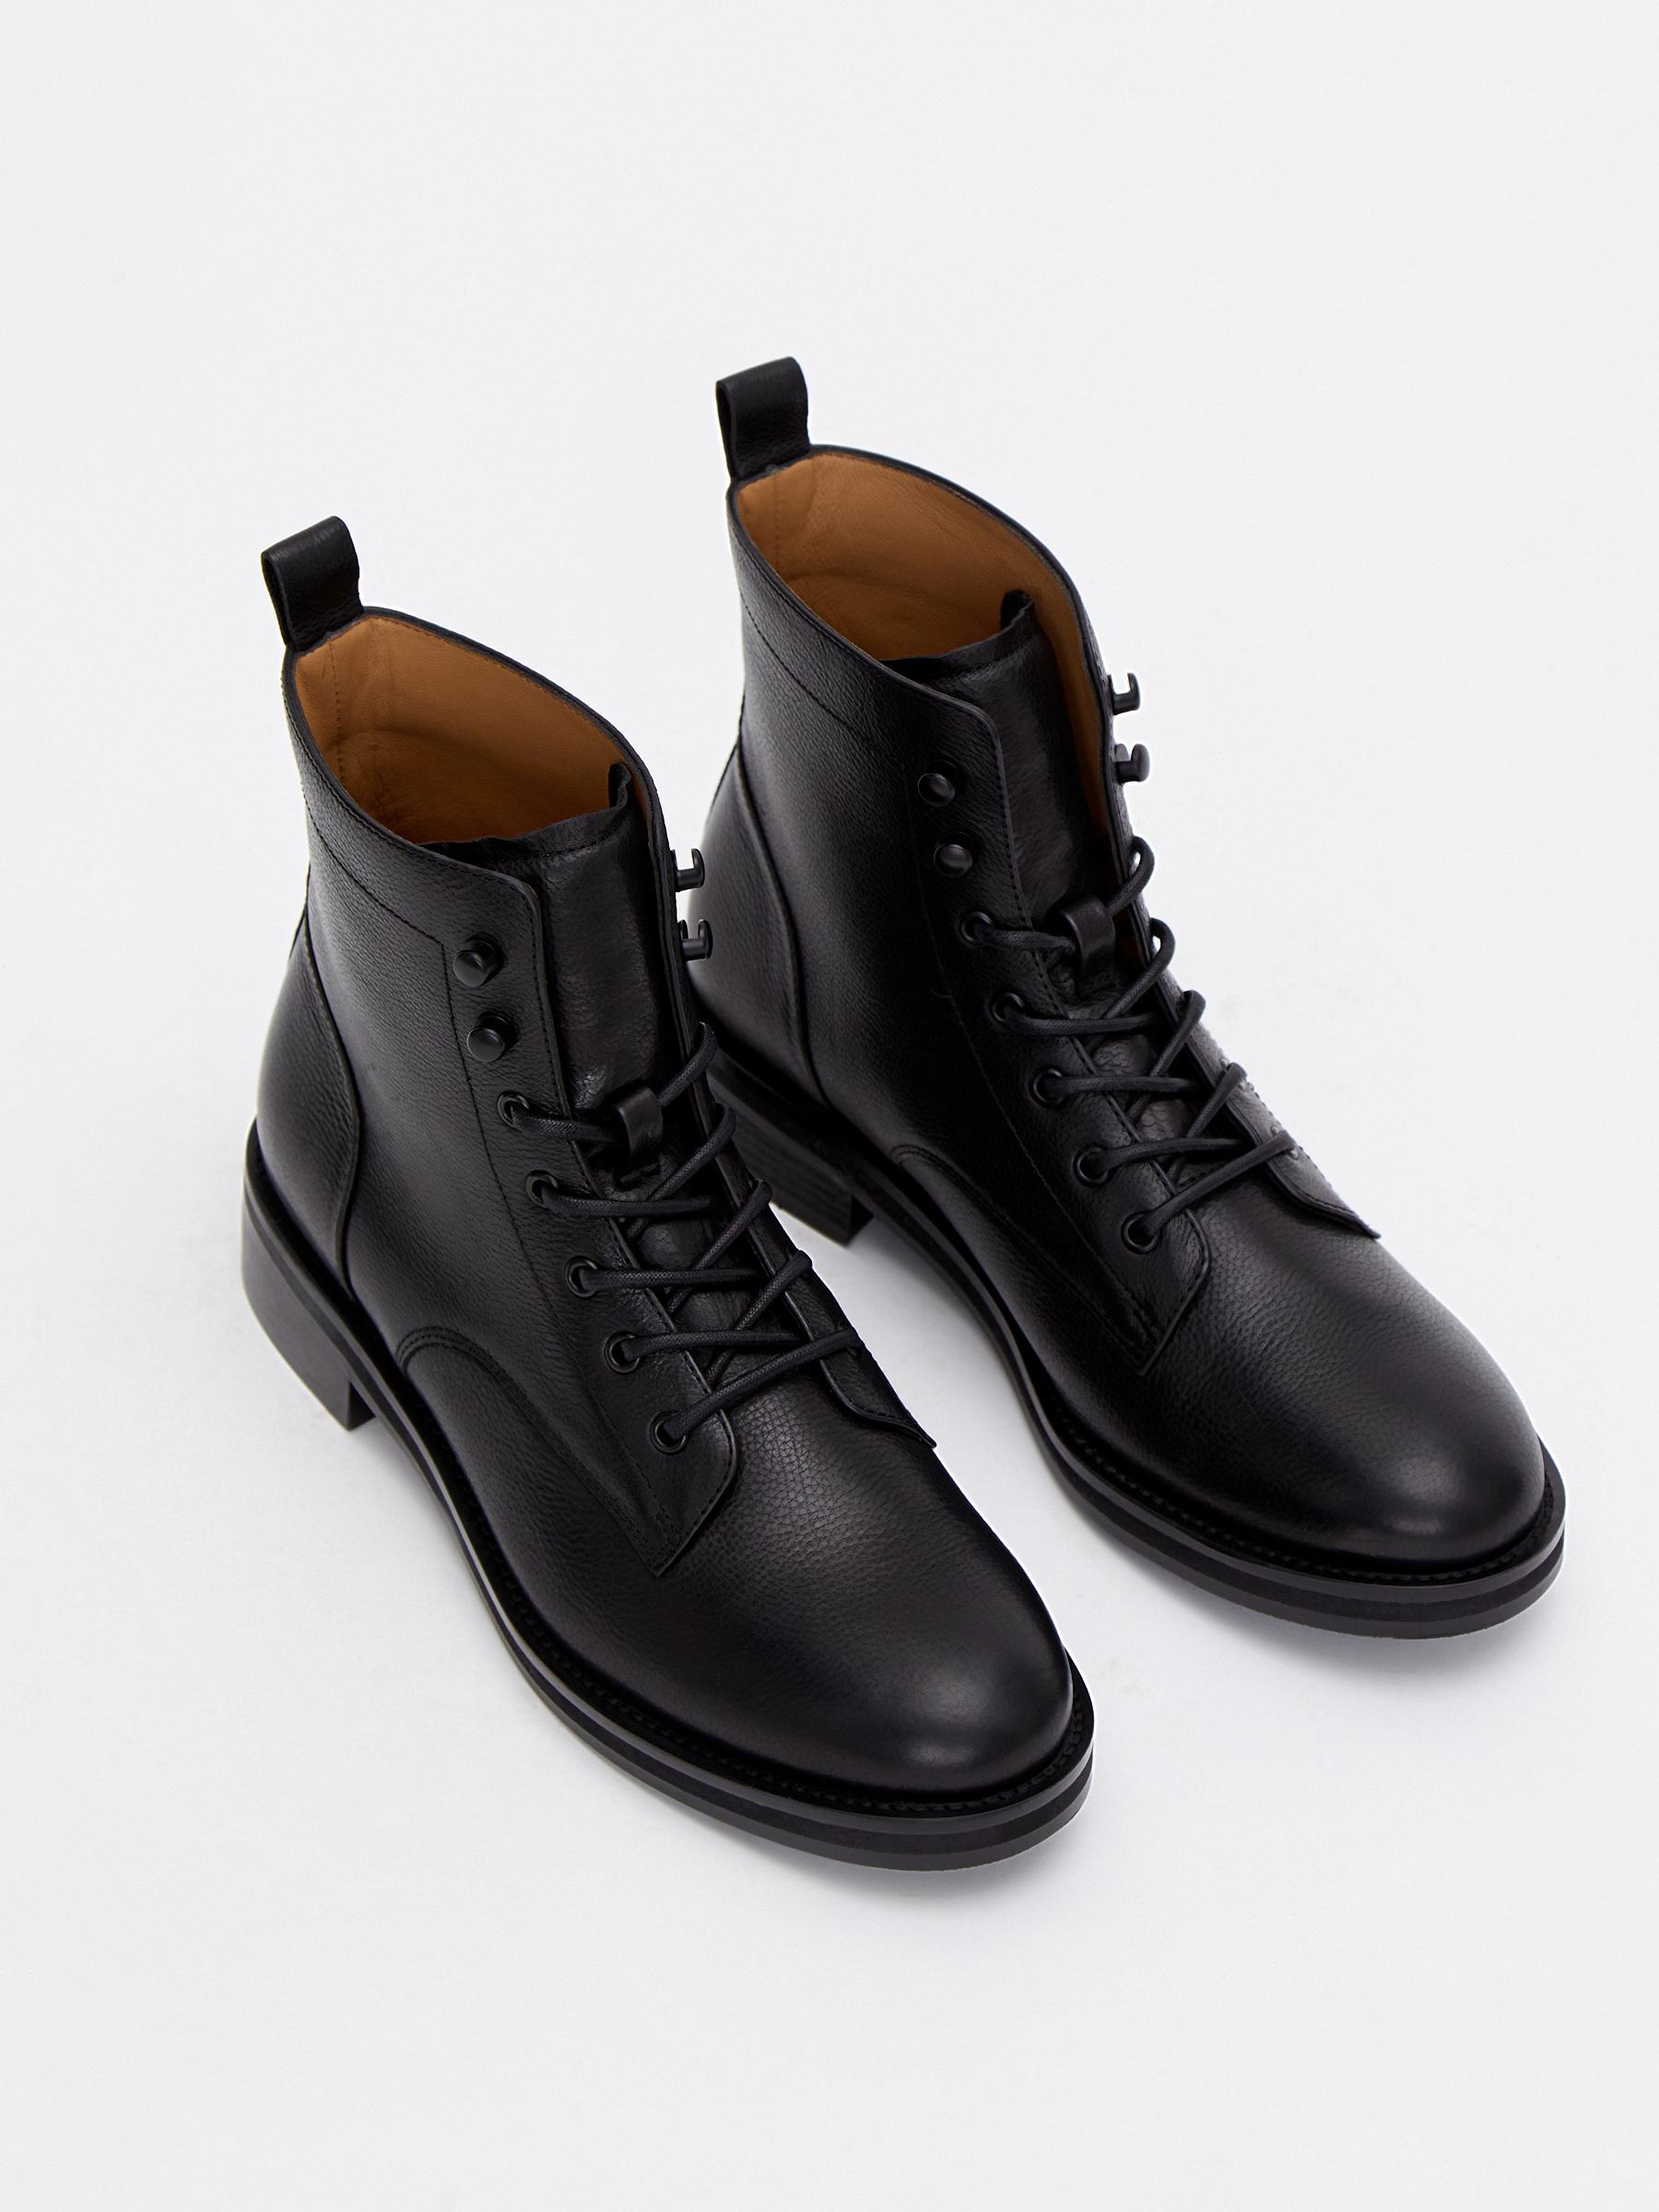 Классические городские ботинки